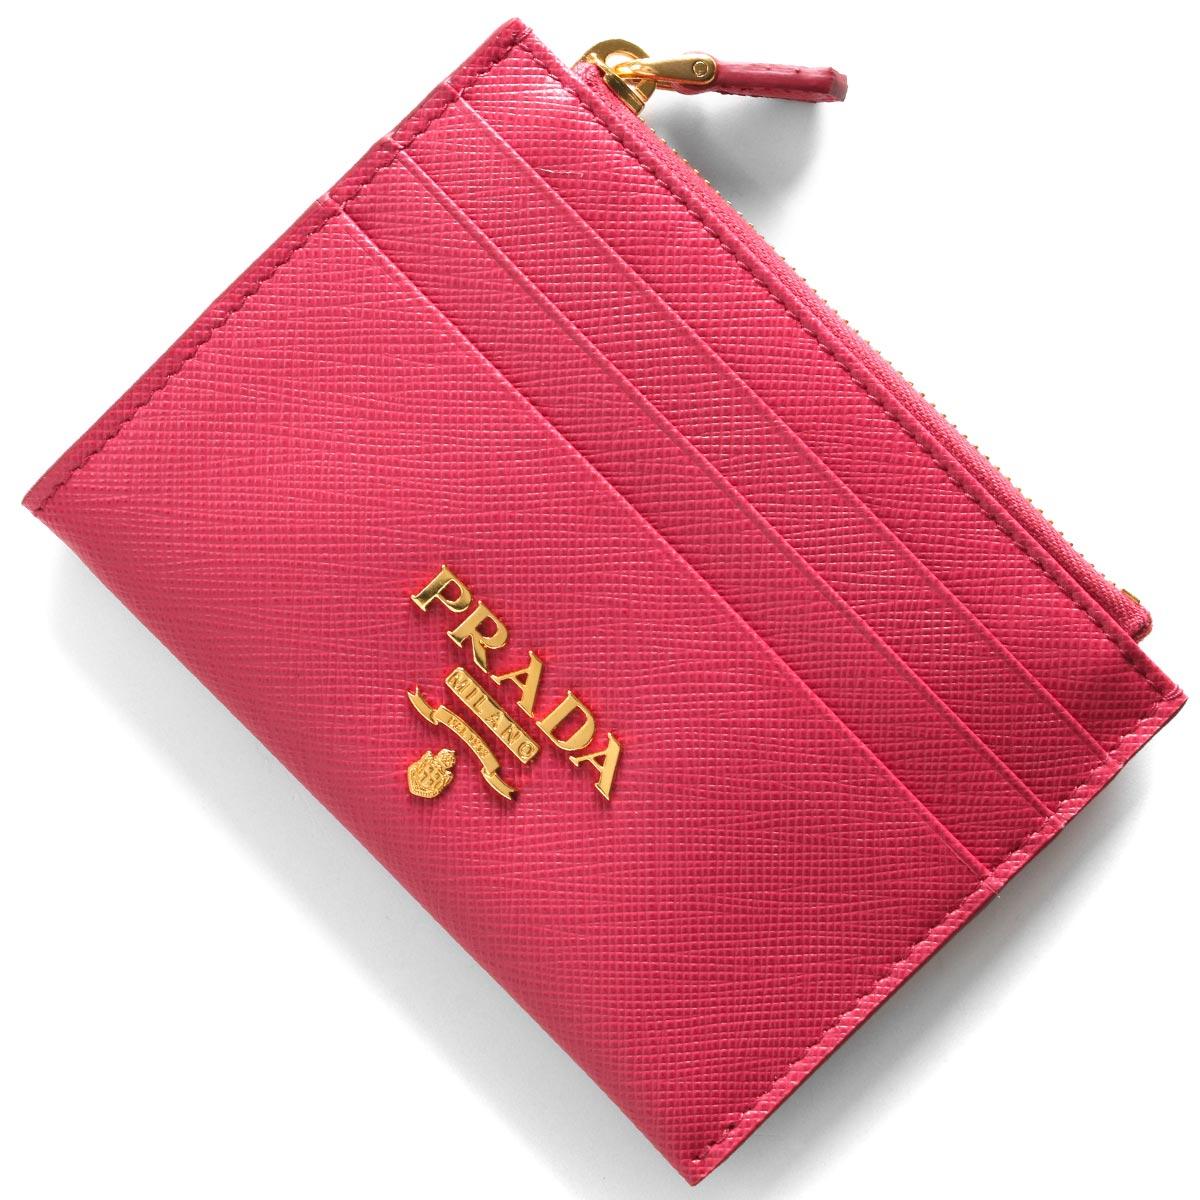 プラダ コインケース【小銭入れ】/クレジットカードケース 財布 レディース サフィアーノ メタル ペオニアピンク 1MC026 QWA F0505 PRADA